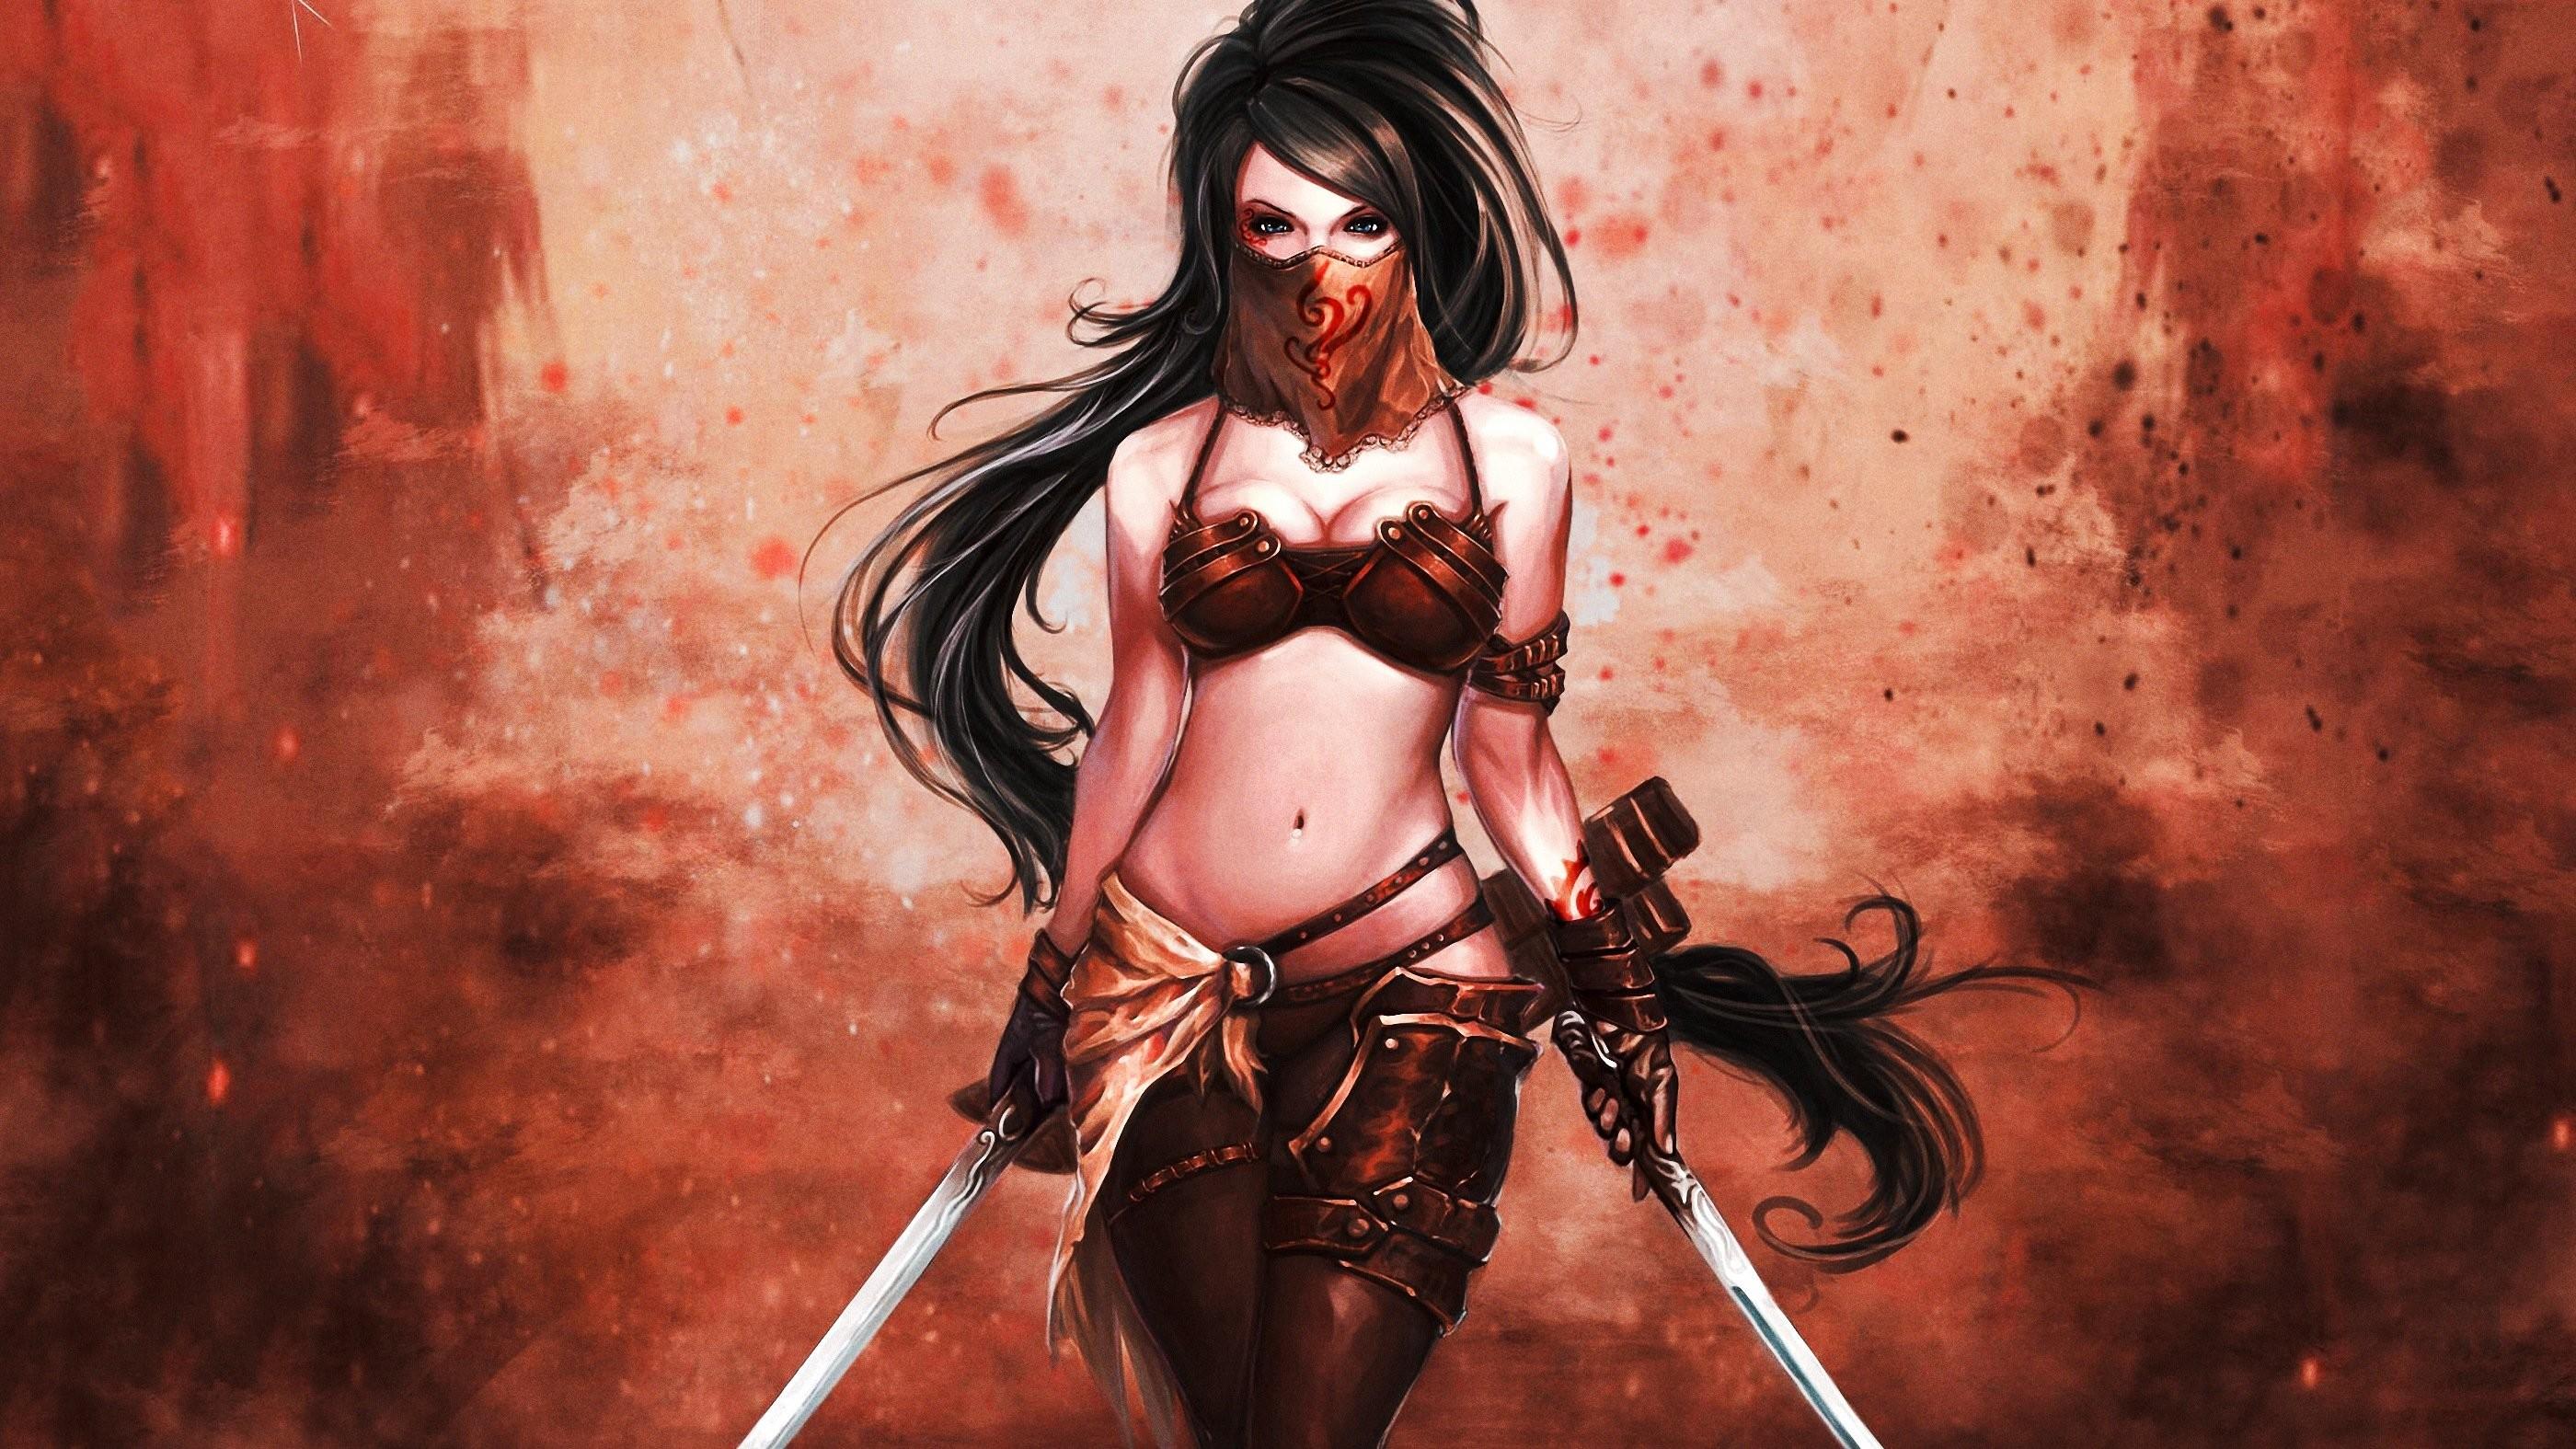 Fantasy artwork art women girl girls female warrior wallpaper | |  822767 | WallpaperUP